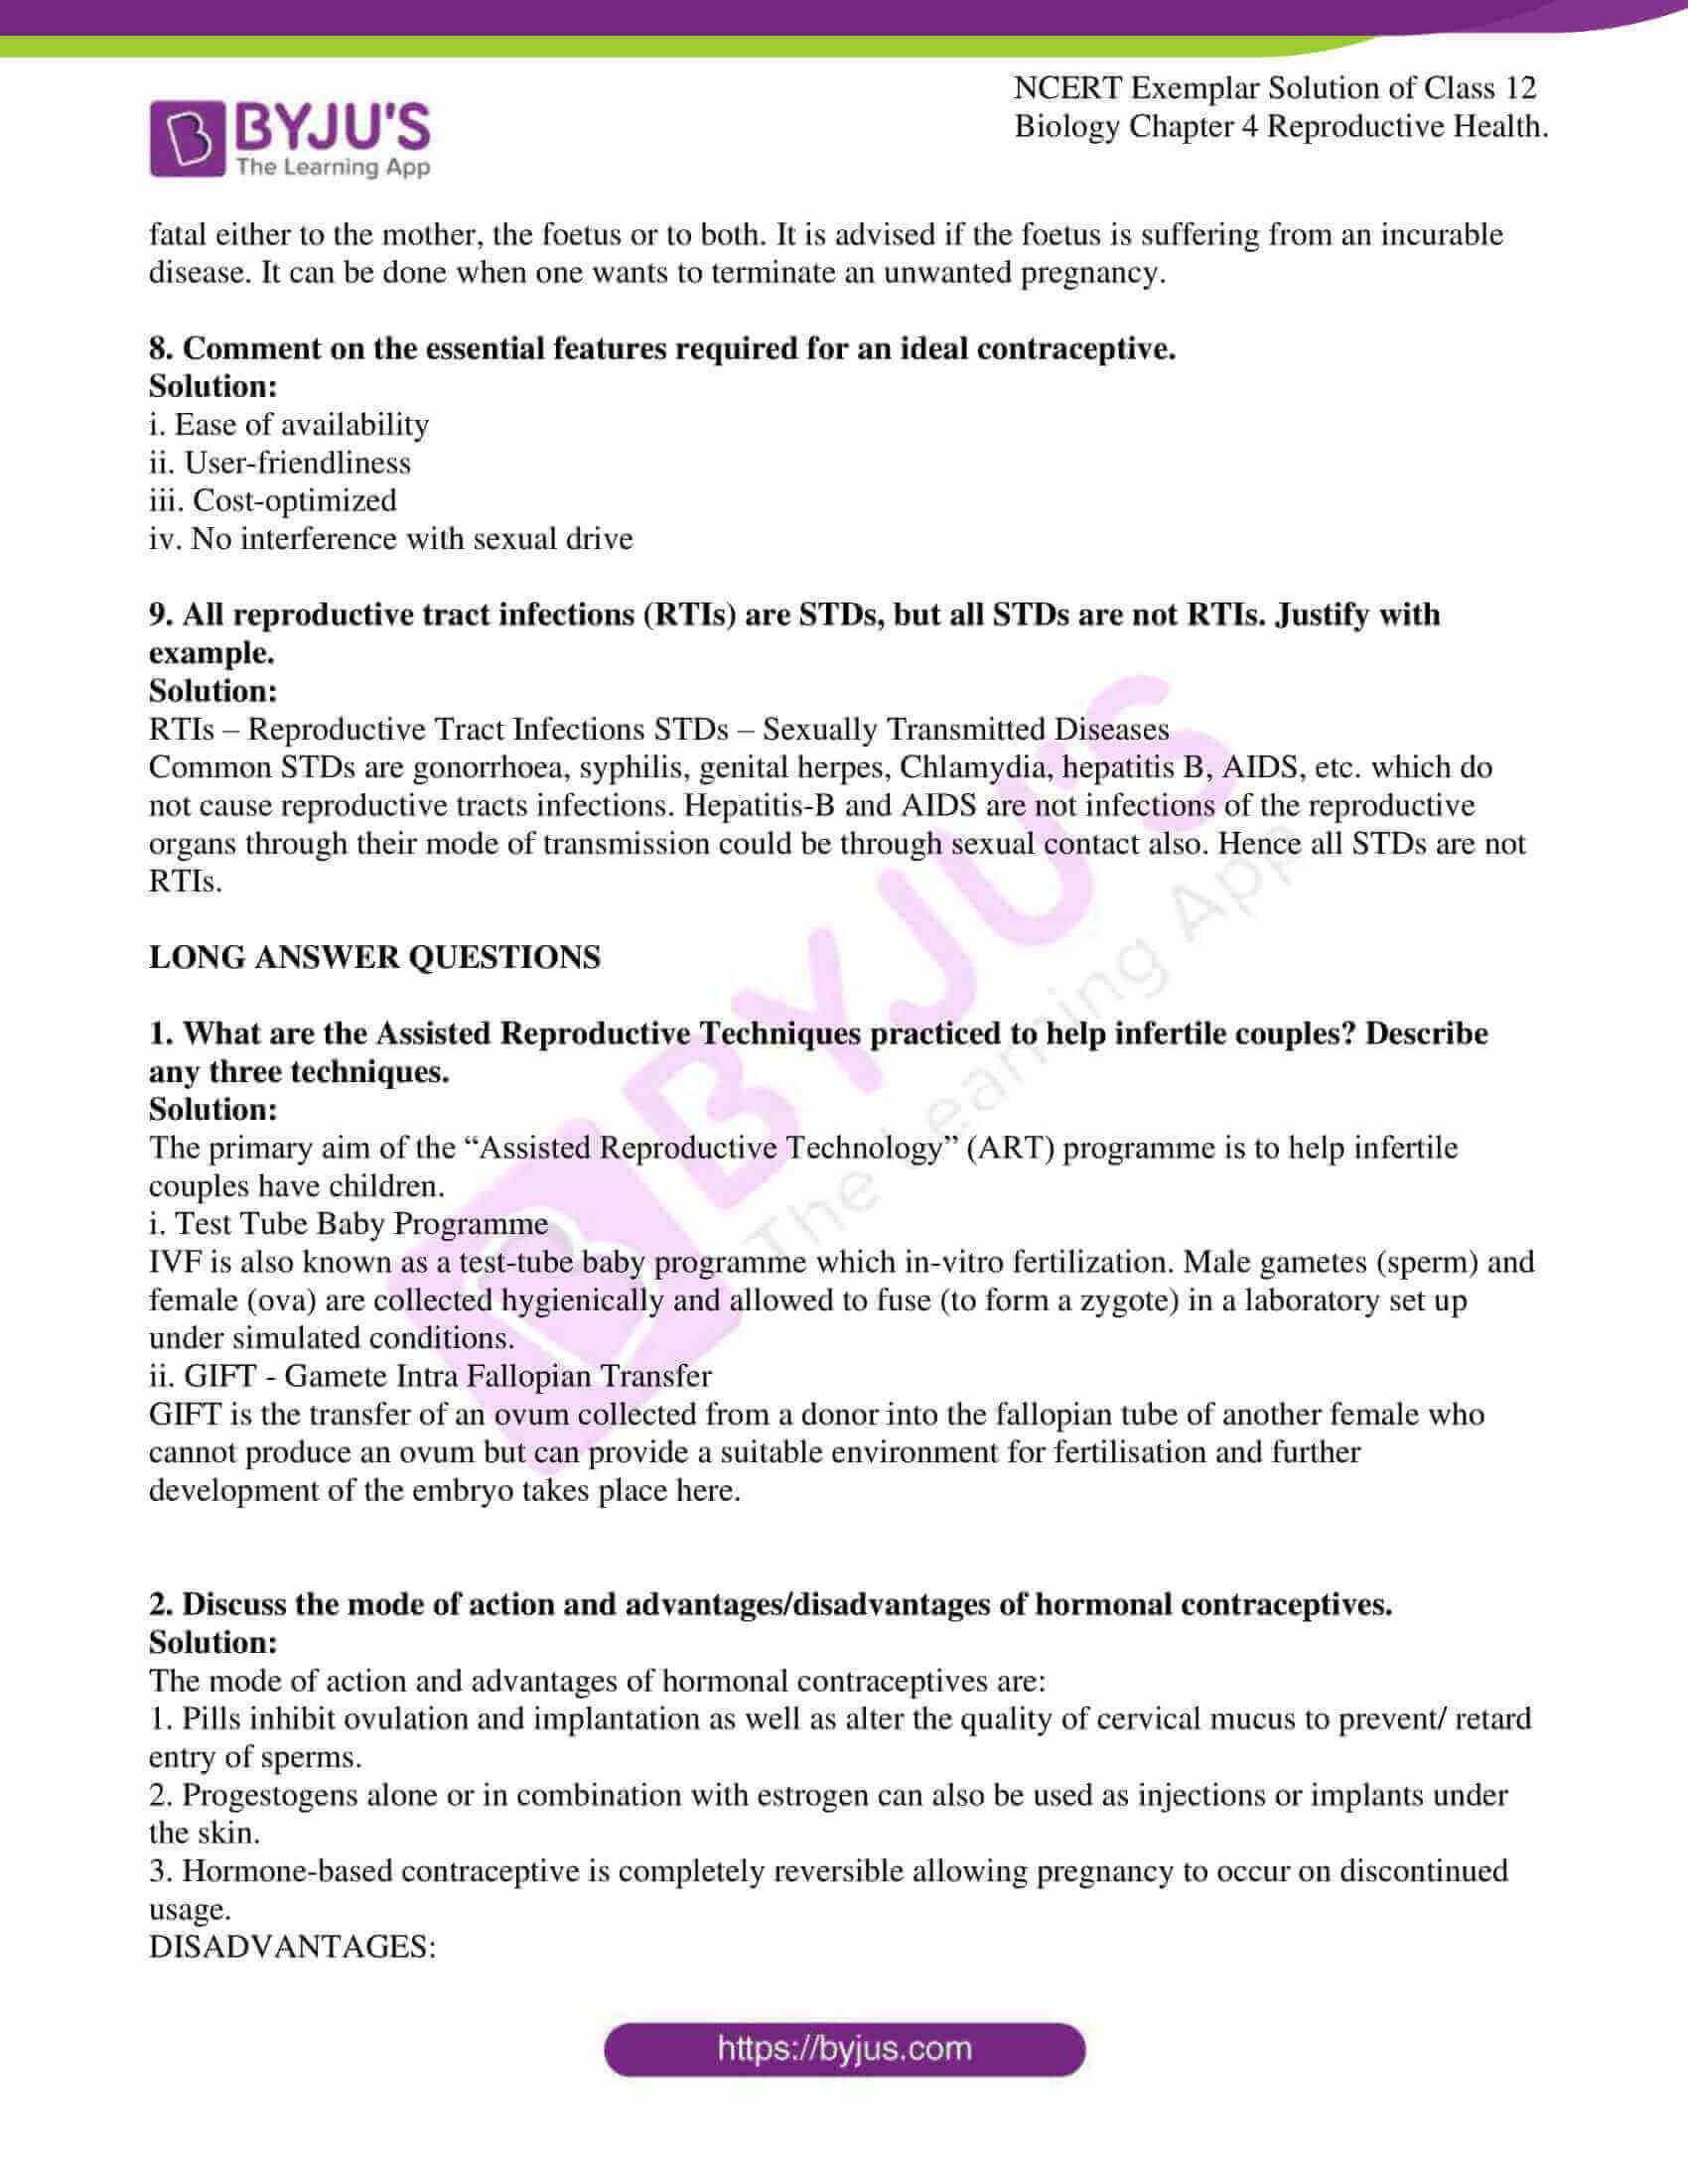 ncert exemplar solution of class 12 biology chapter 4 6